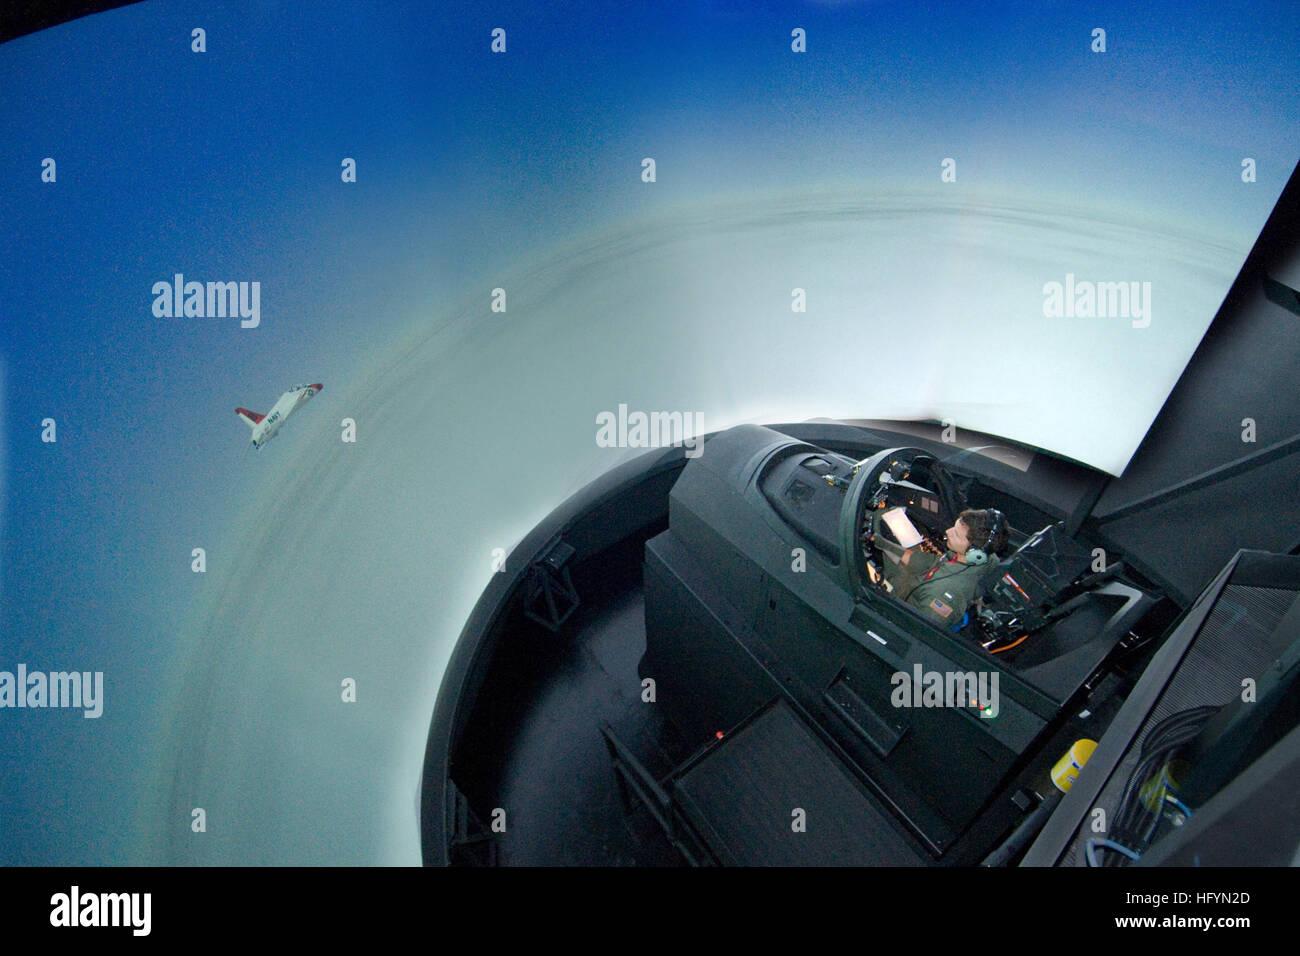 110322-N-LY958-098 CORPUS CHRISTI, Texas (22. März 2011) Lt. j.g. Jon Michael Chombeau, ein Flugschüler Stockbild